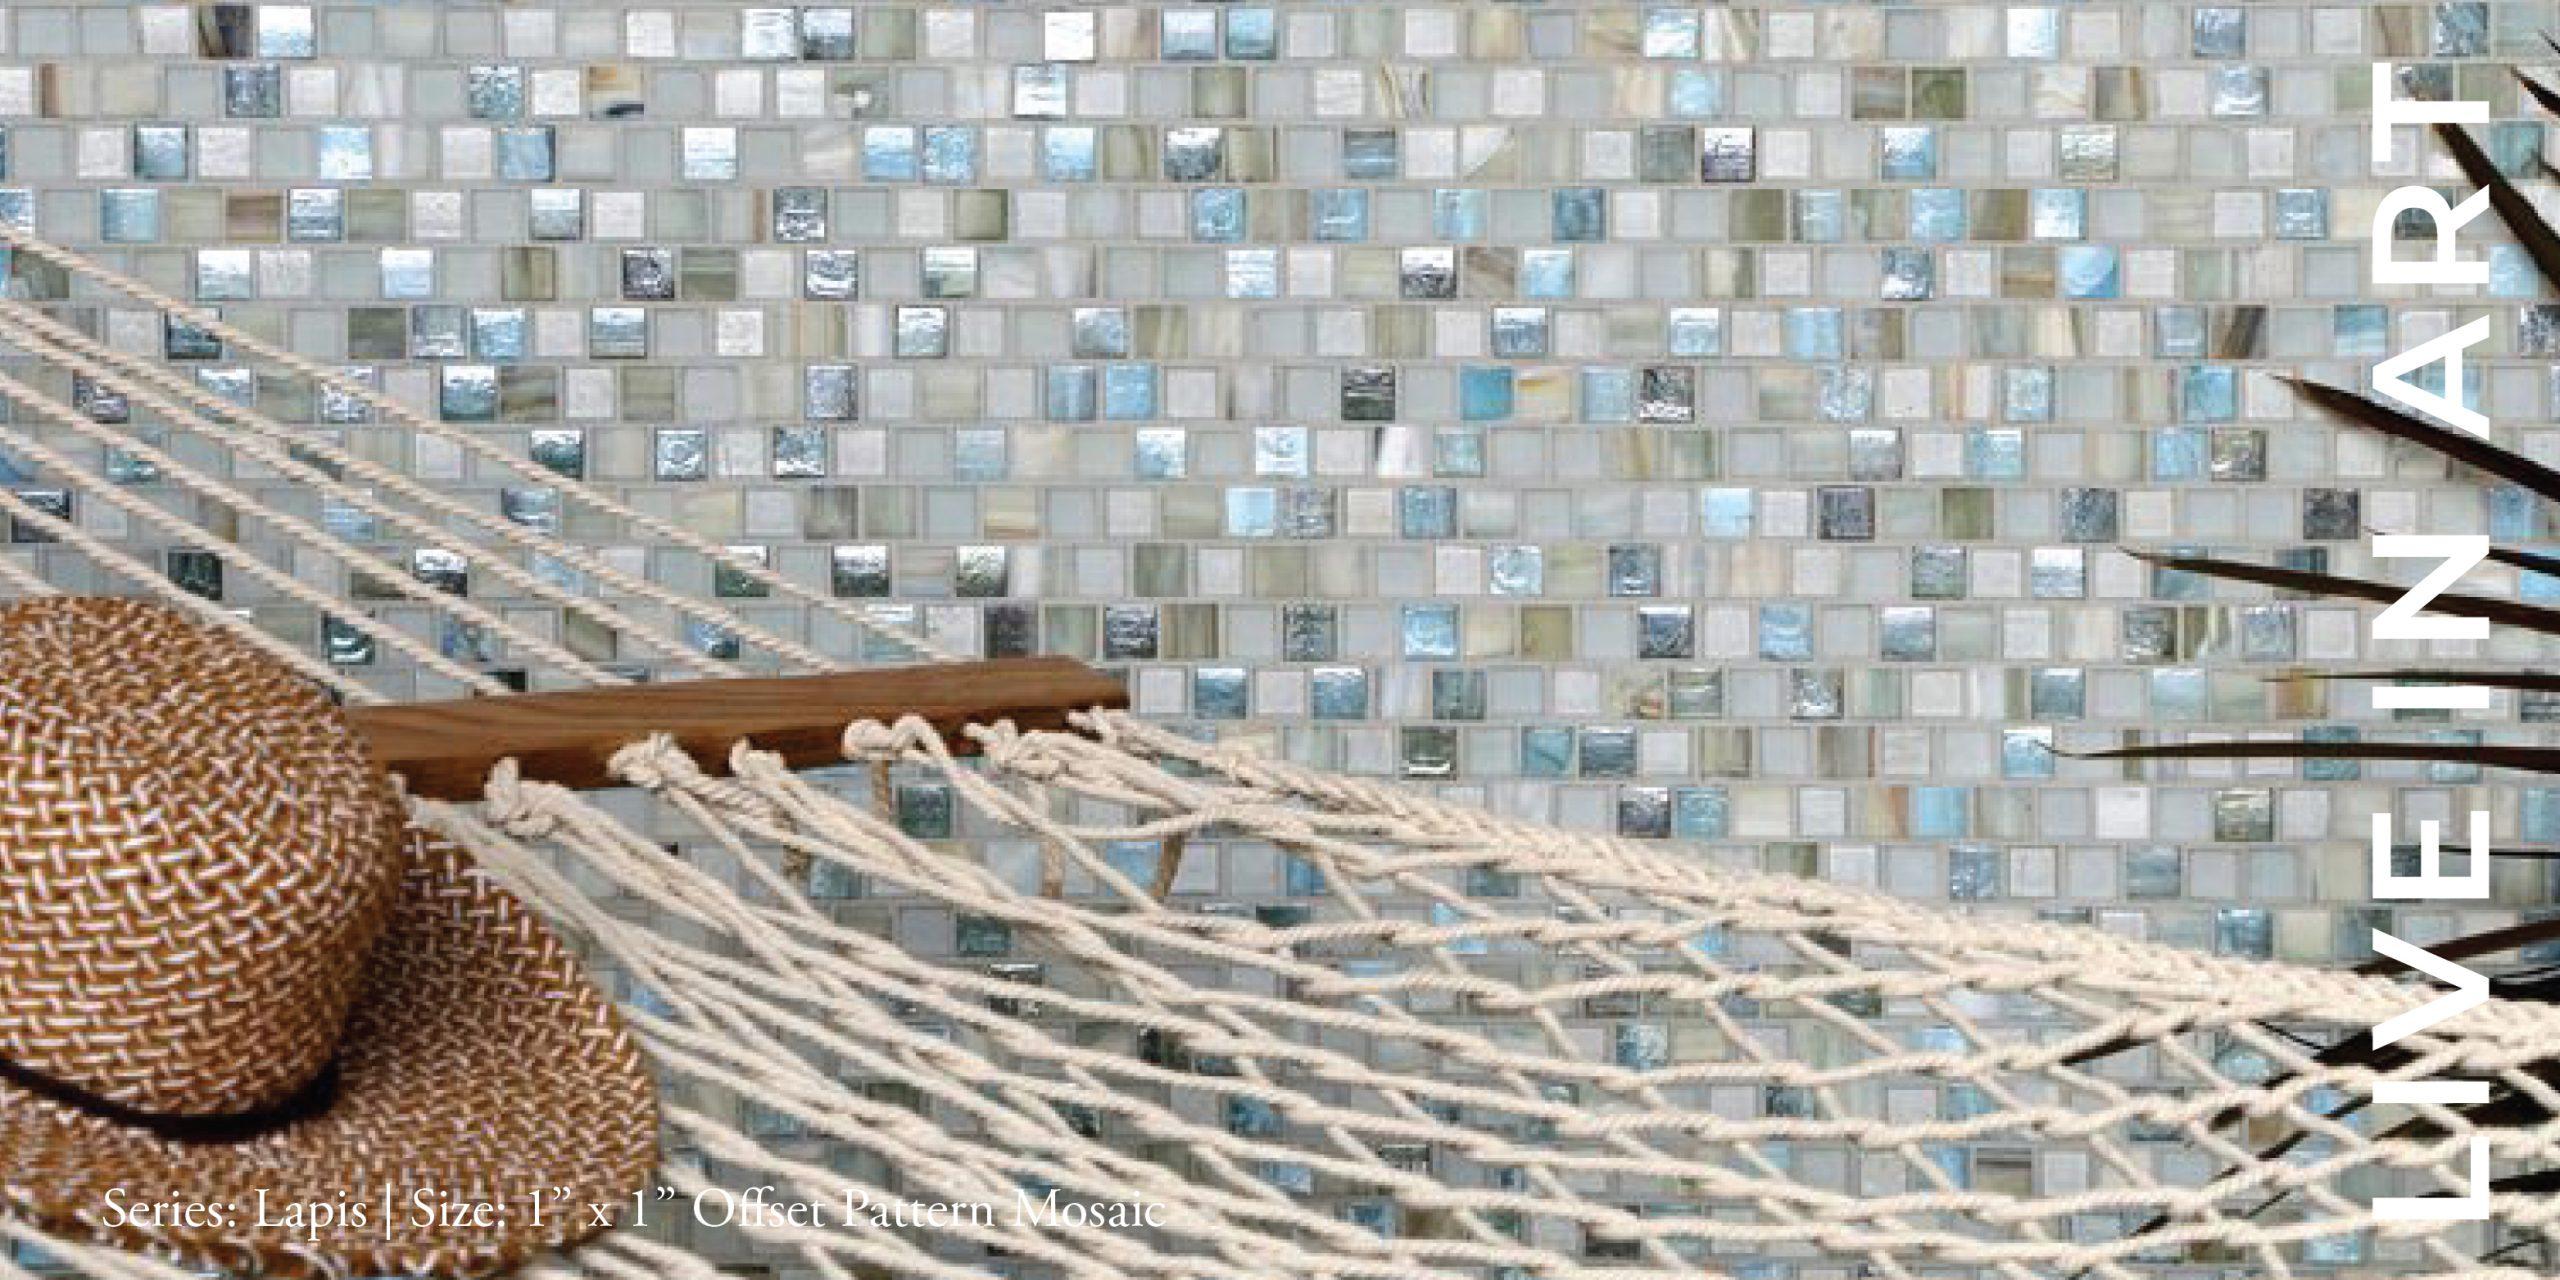 Lapis offset Pattern Mosaic